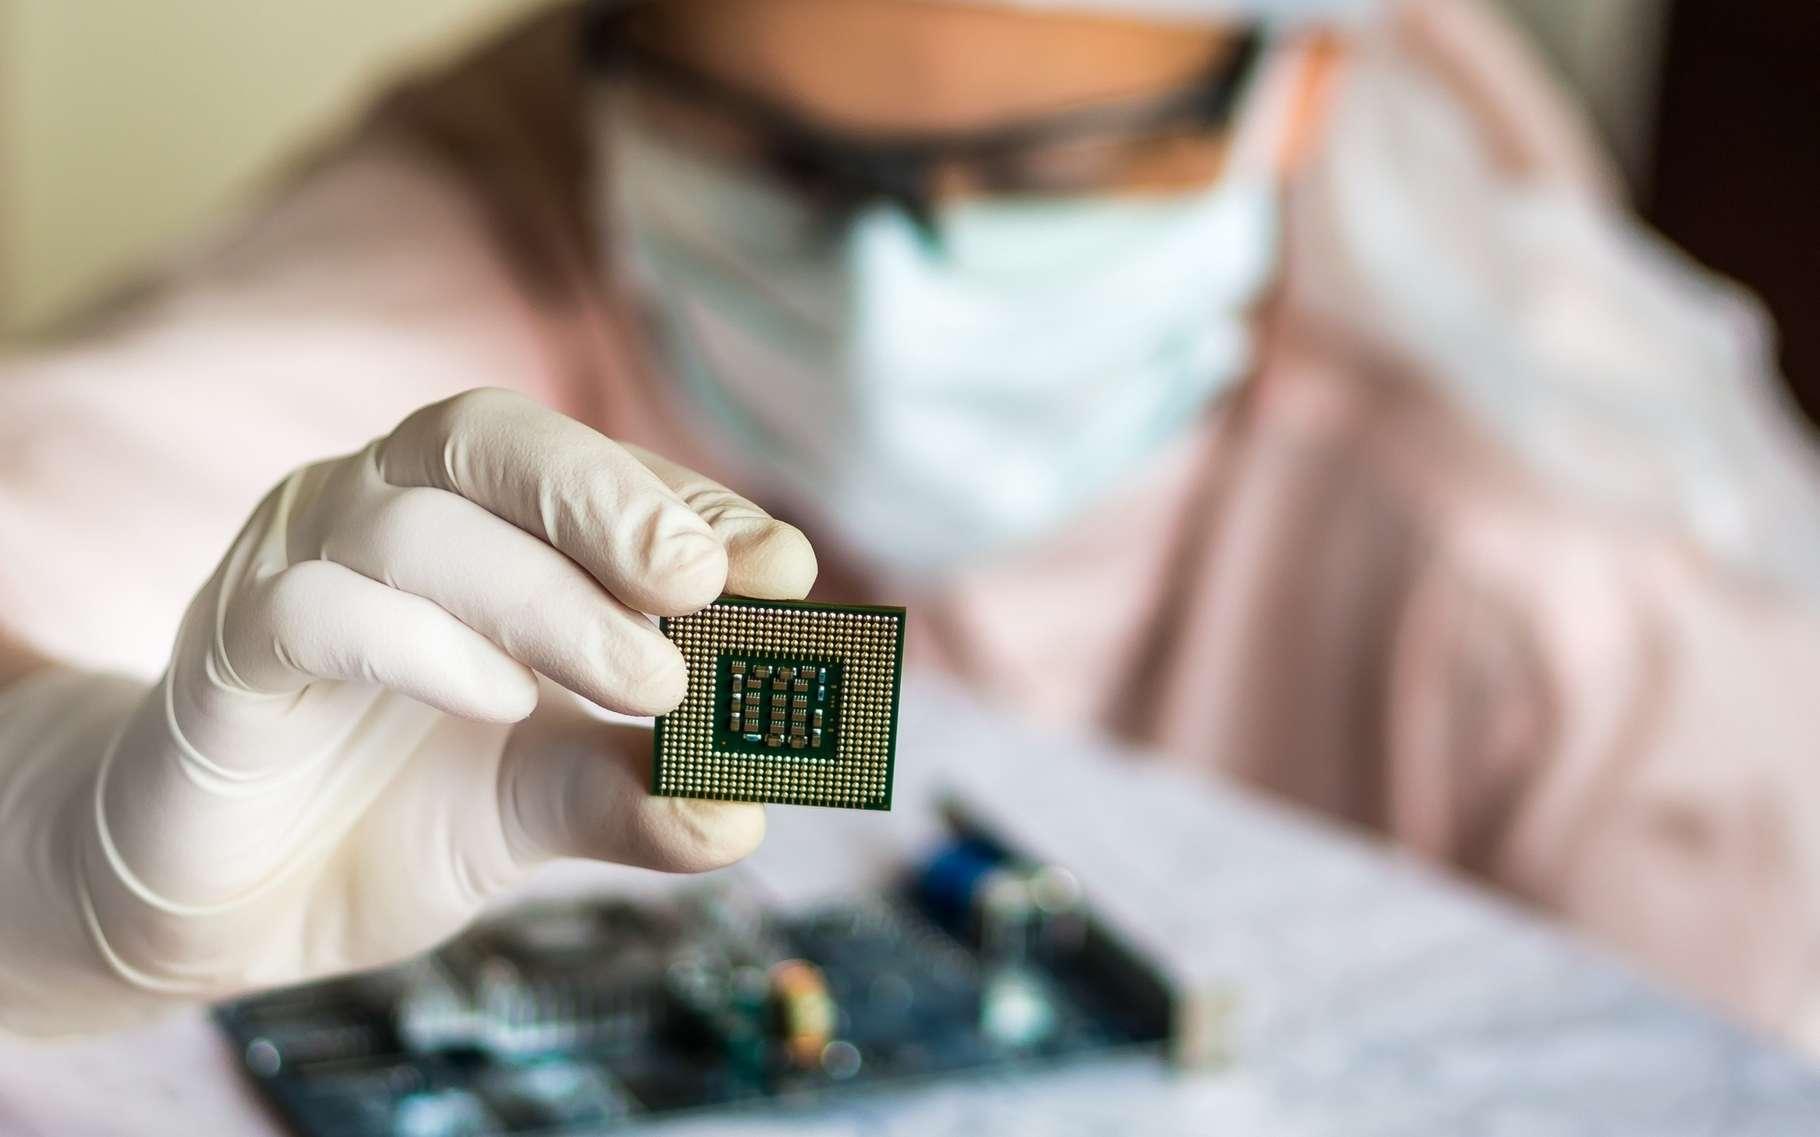 Le processeur de Singular Chip pourrait trouver une utilité dans les applications d'intelligence artificielle chargées d'appréhender le réel. © Andriano.cz, Shutterstock